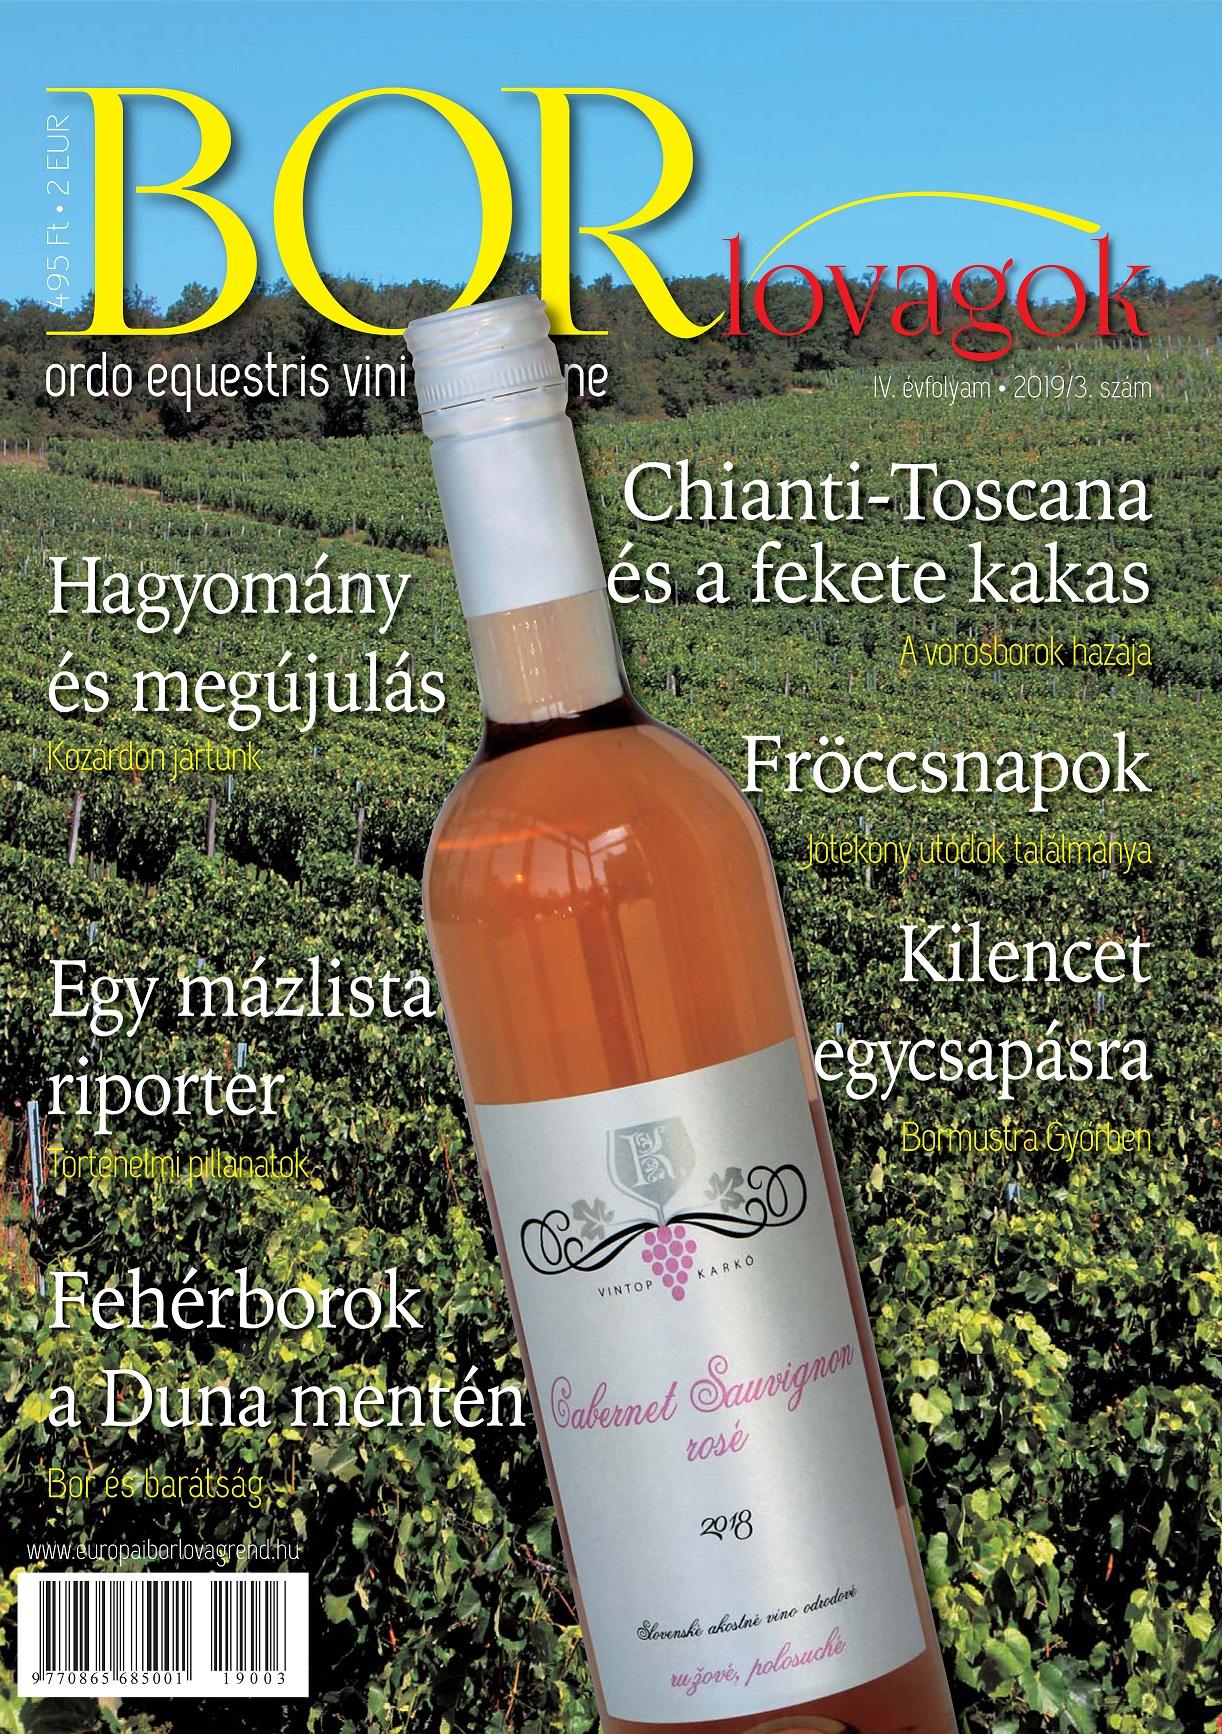 MEGJELENT A BORLOVAGOK Magazin 2019/3